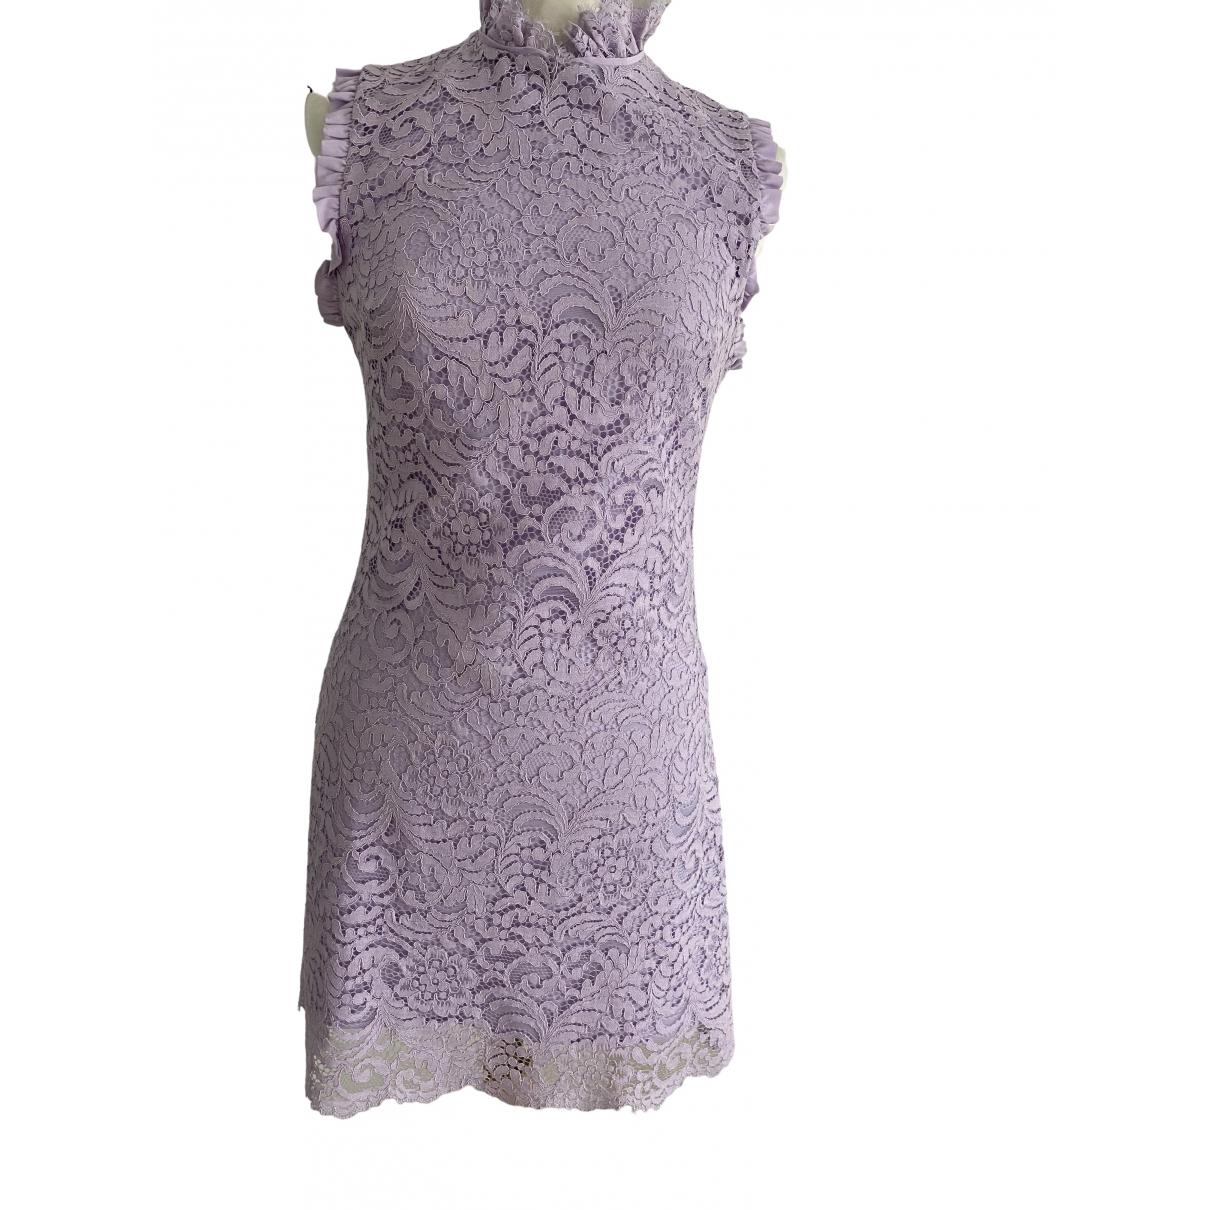 Sandro Spring Summer 2019 Purple Cotton dress for Women 34 FR